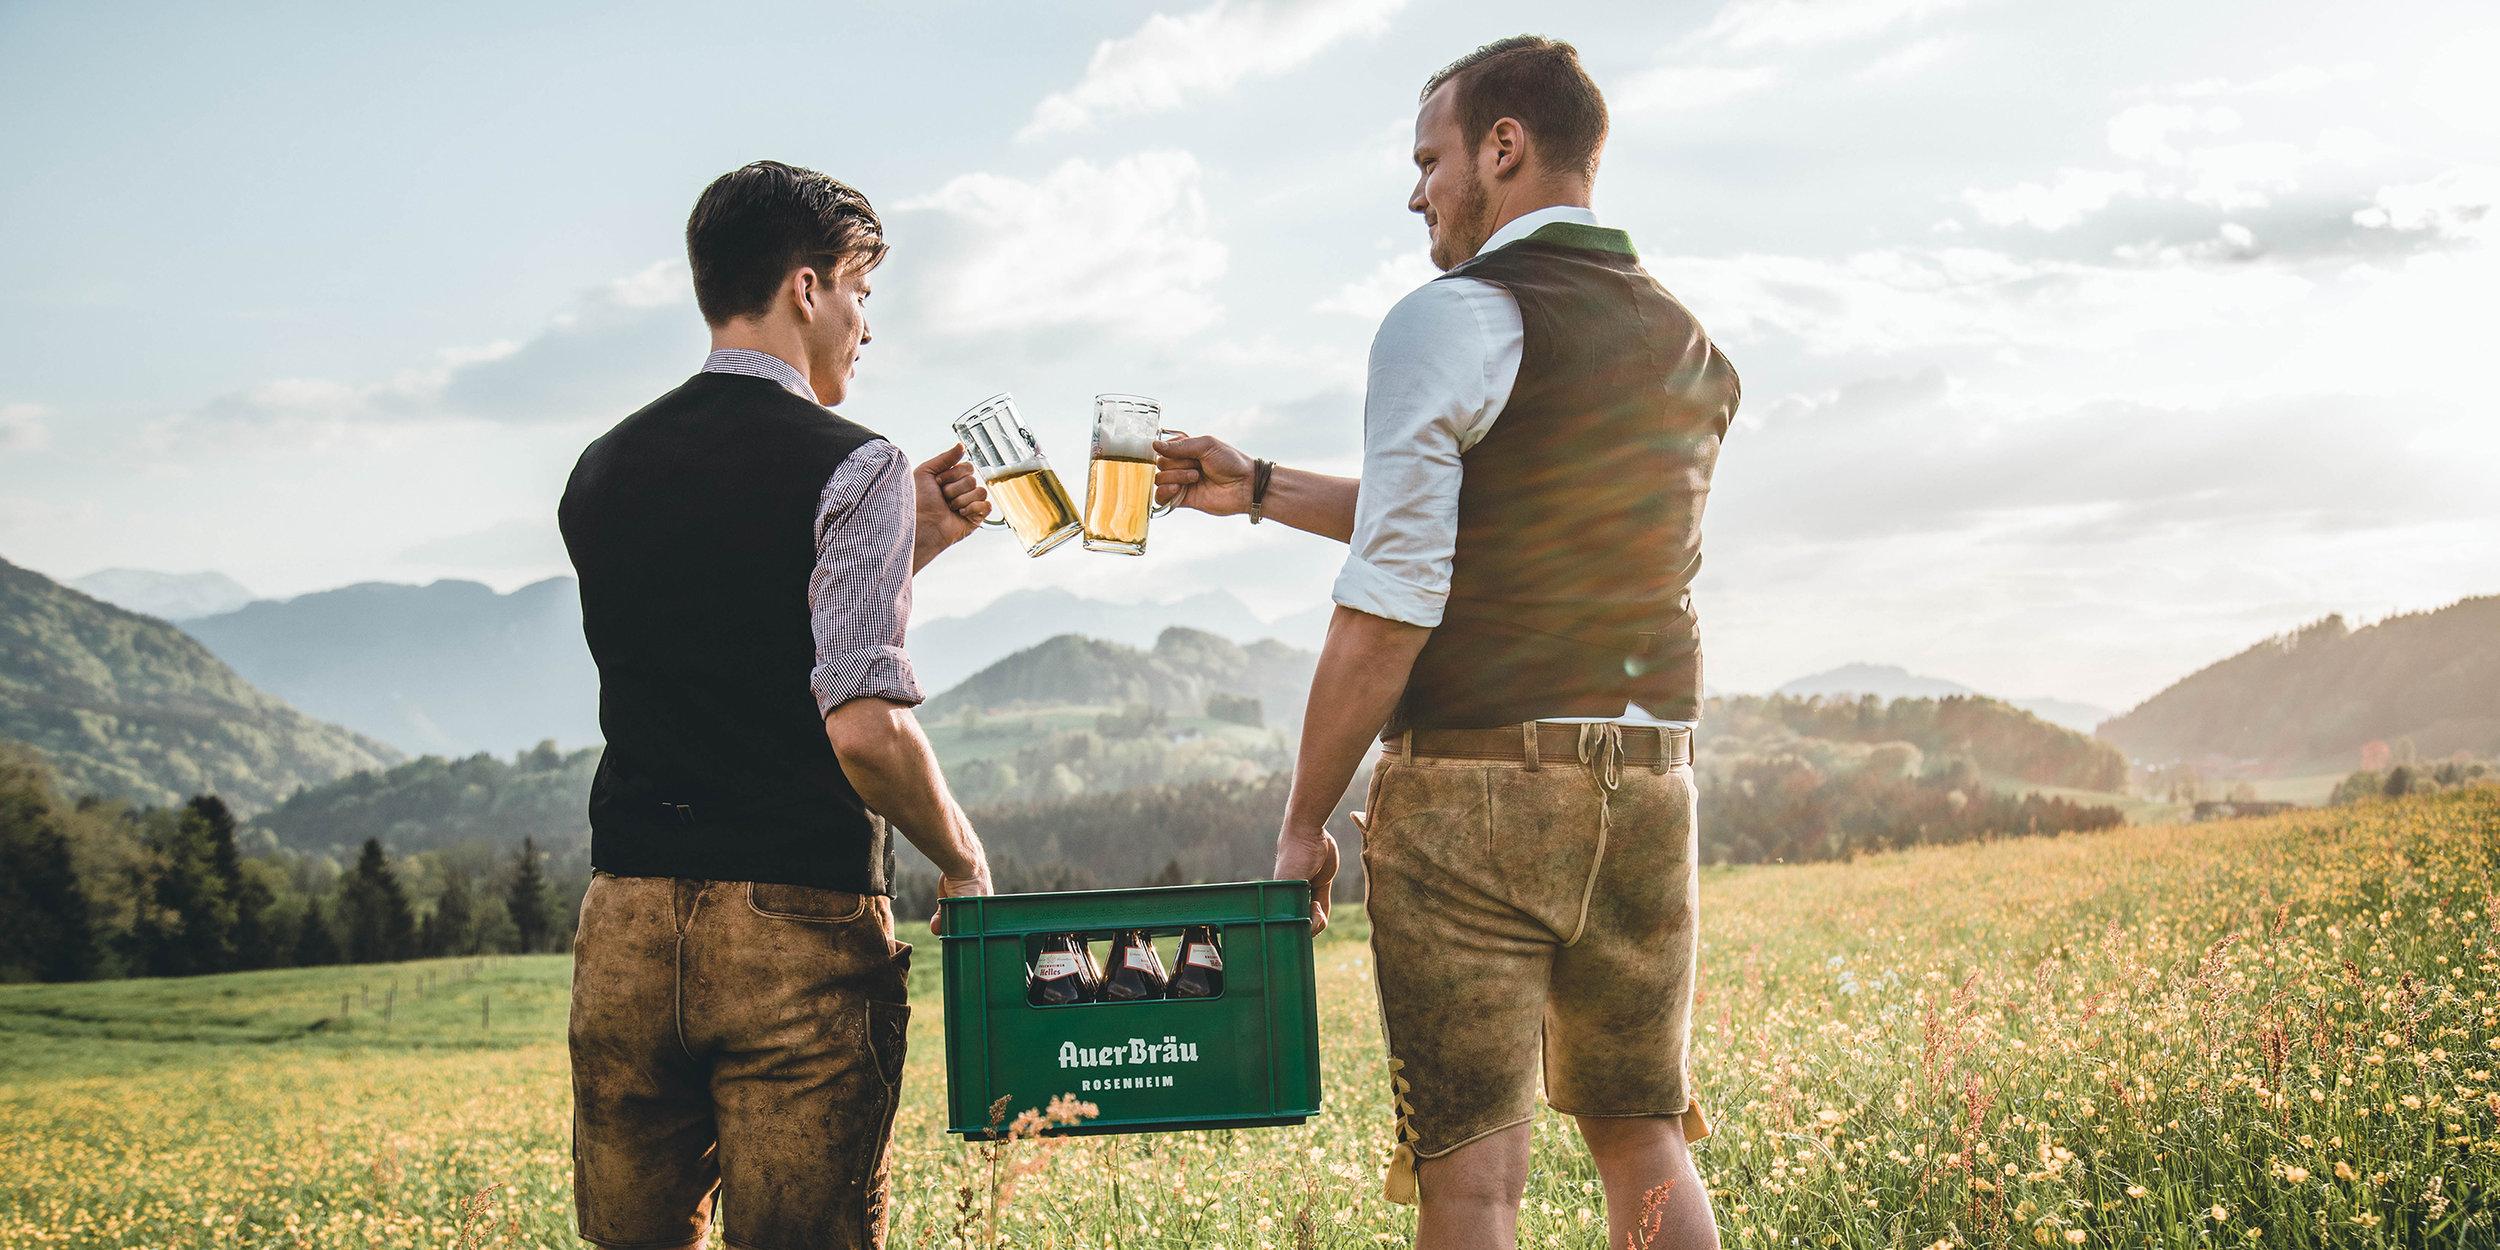 Marken-Relaunch der bayerischen Brauerei Auerbräu